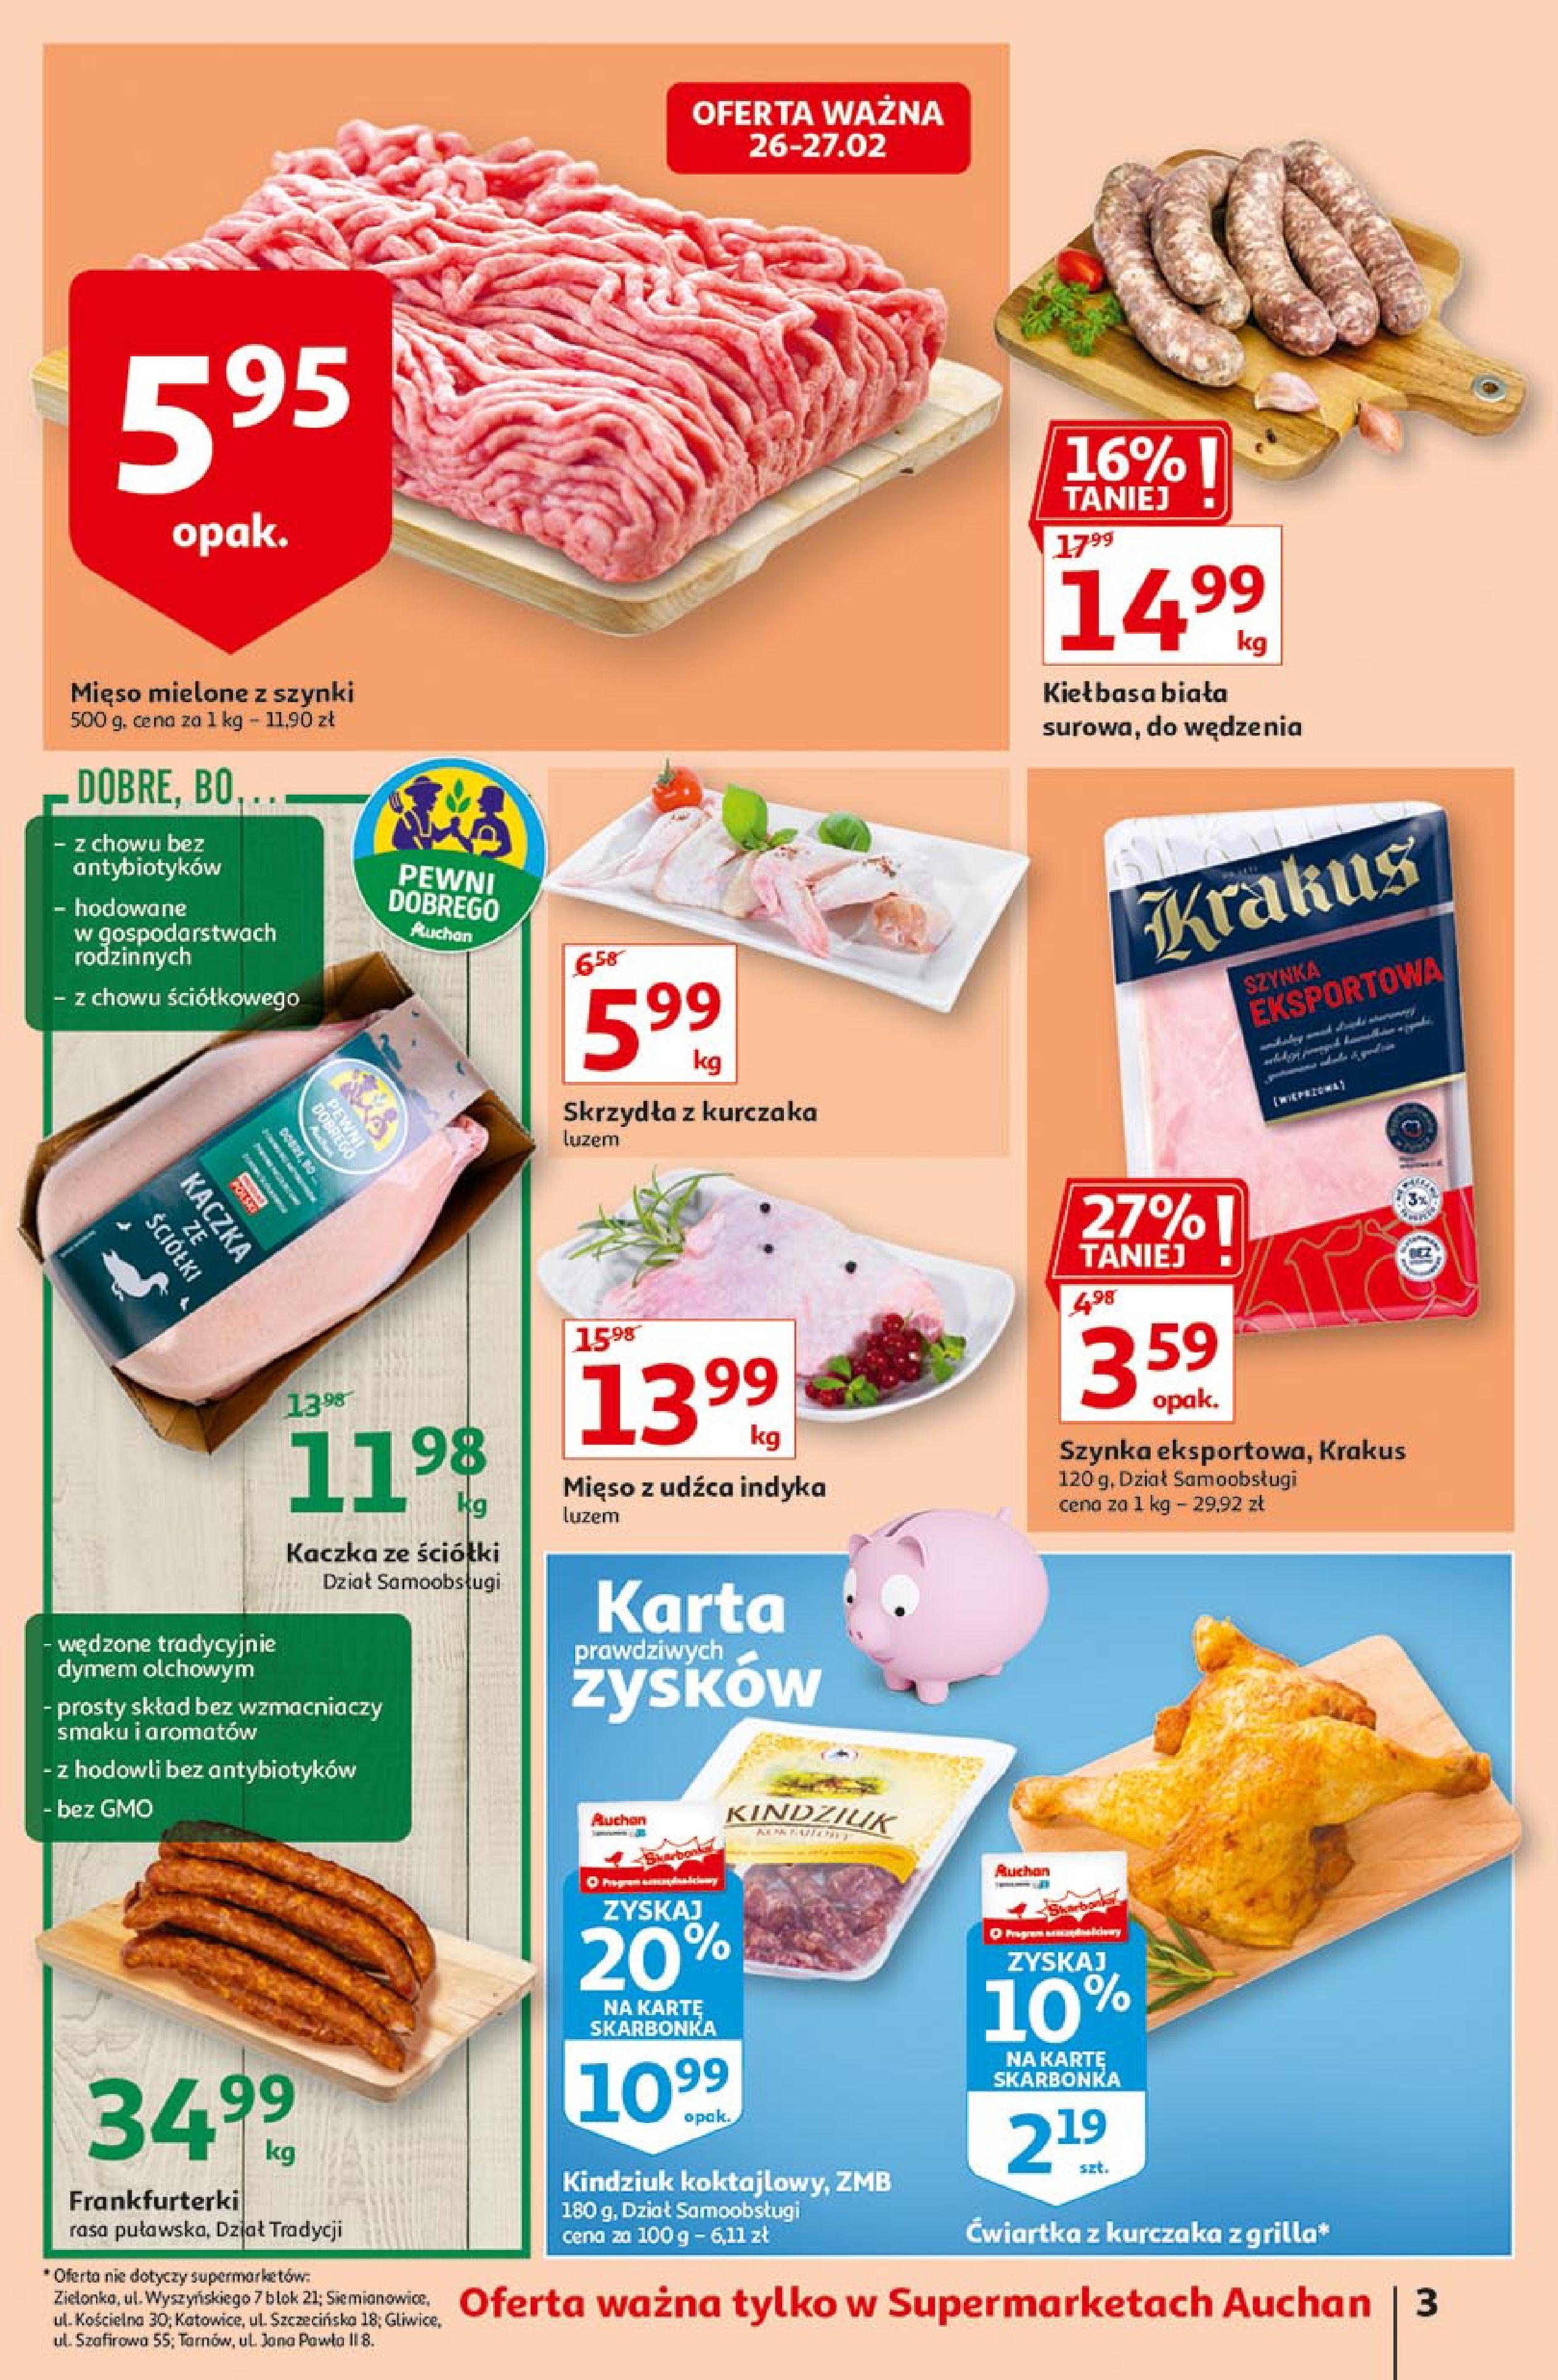 Gazetka Auchan: Uroda Supermarkety 2021-02-26 page-3